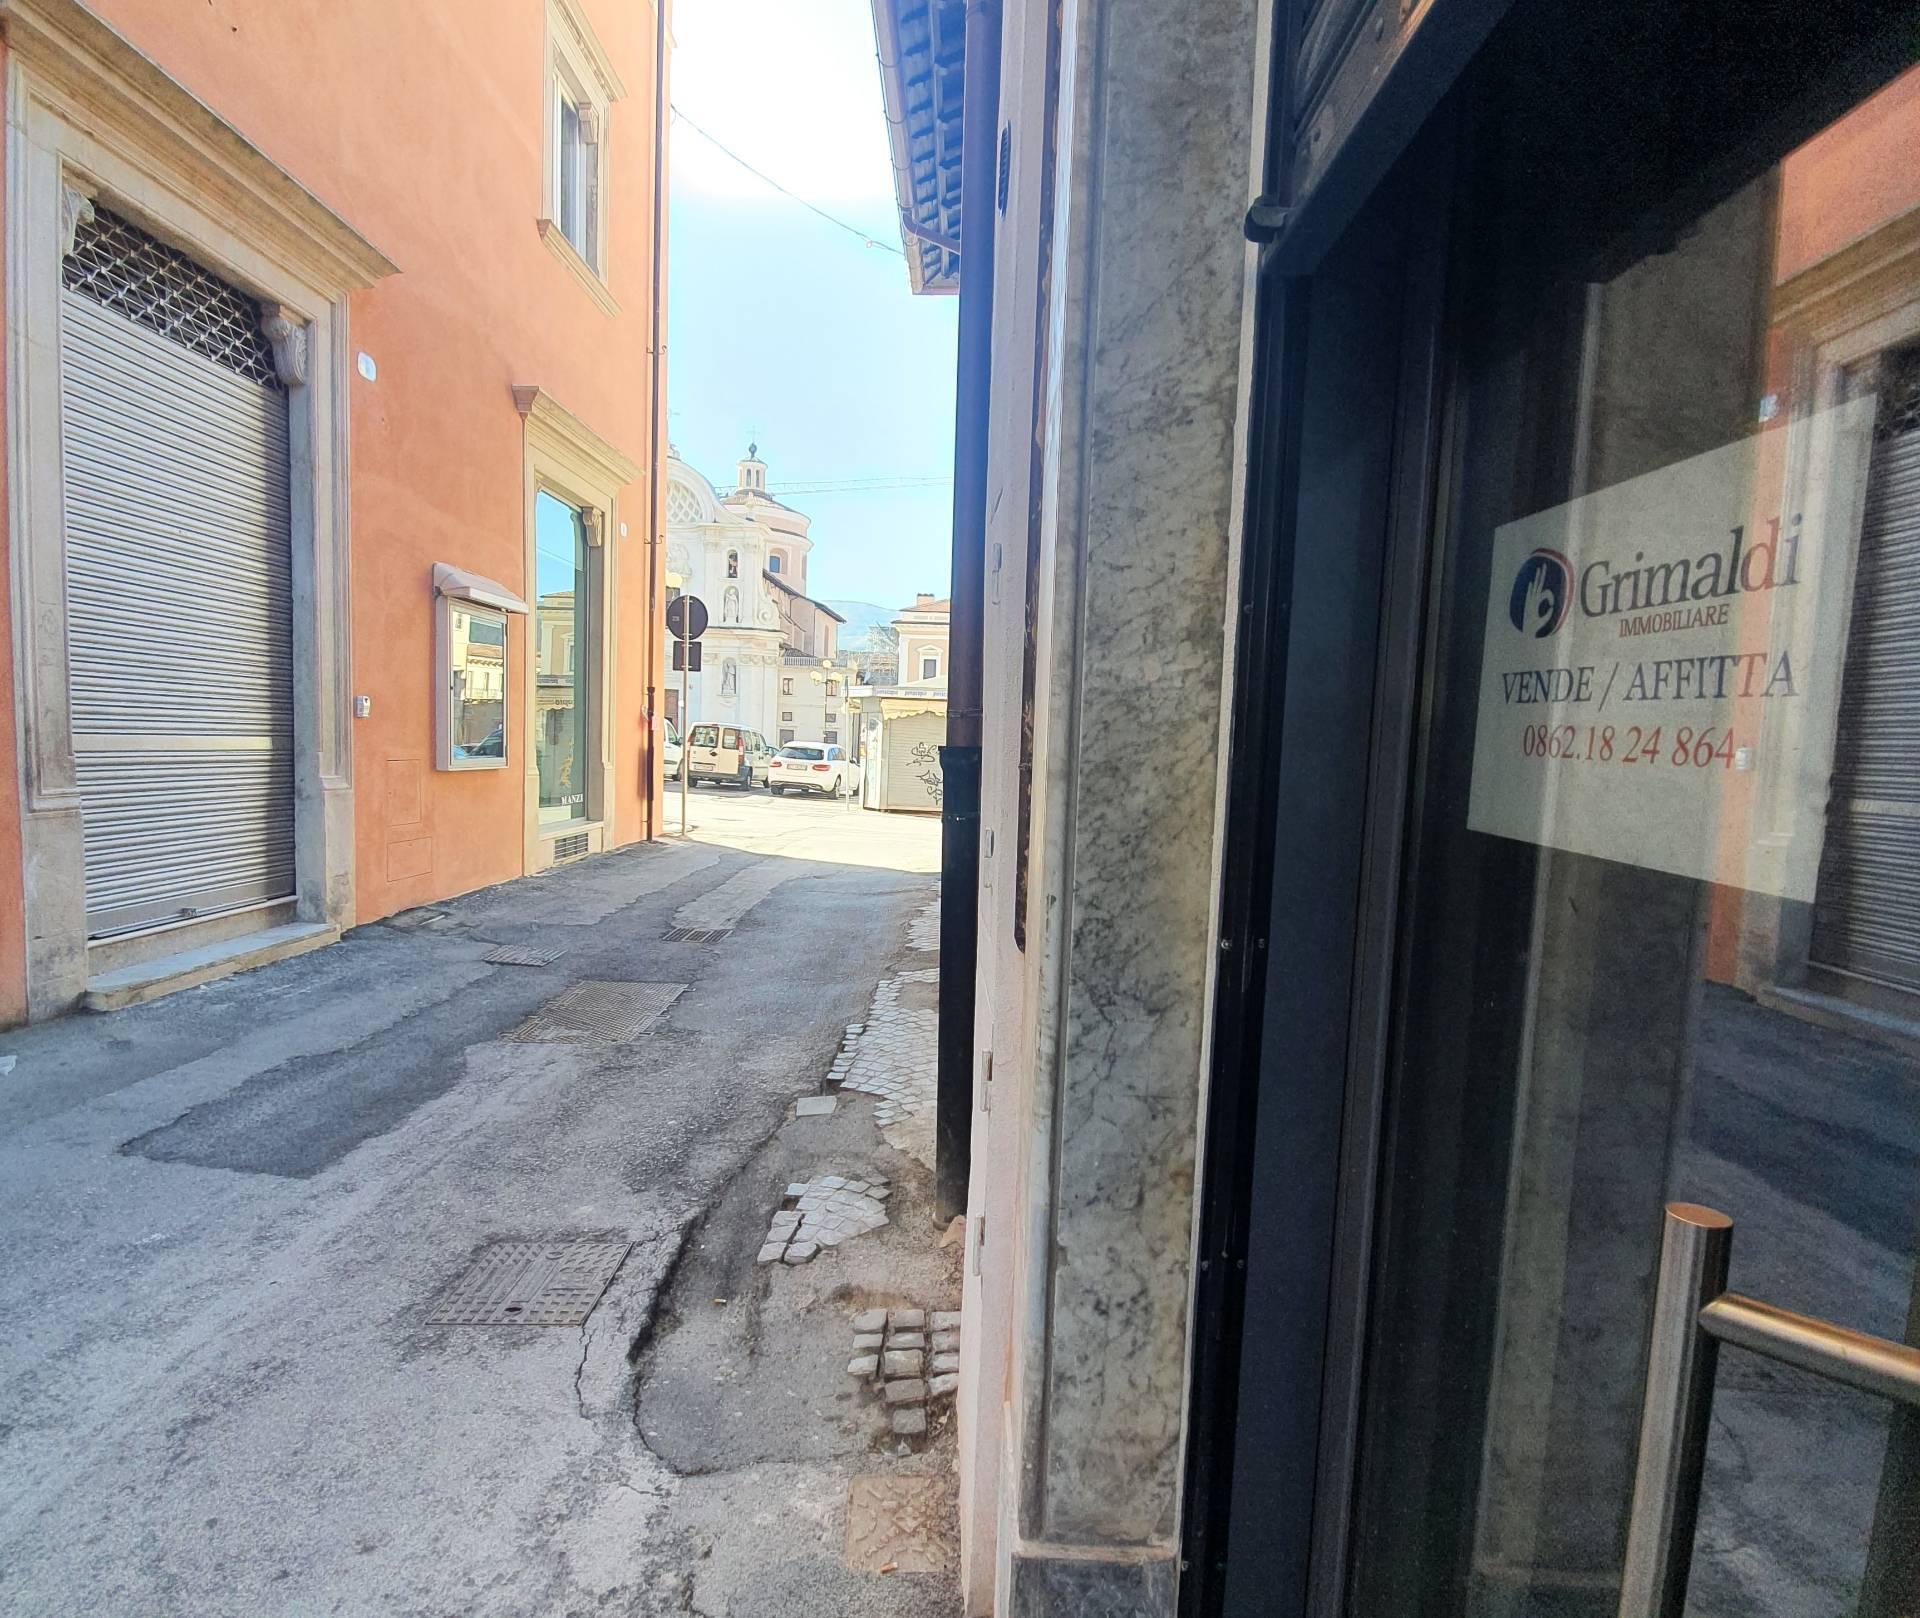 Negozio / Locale in vendita a L'Aquila, 9999 locali, zona Località: Centrostorico, prezzo € 120.000 | CambioCasa.it